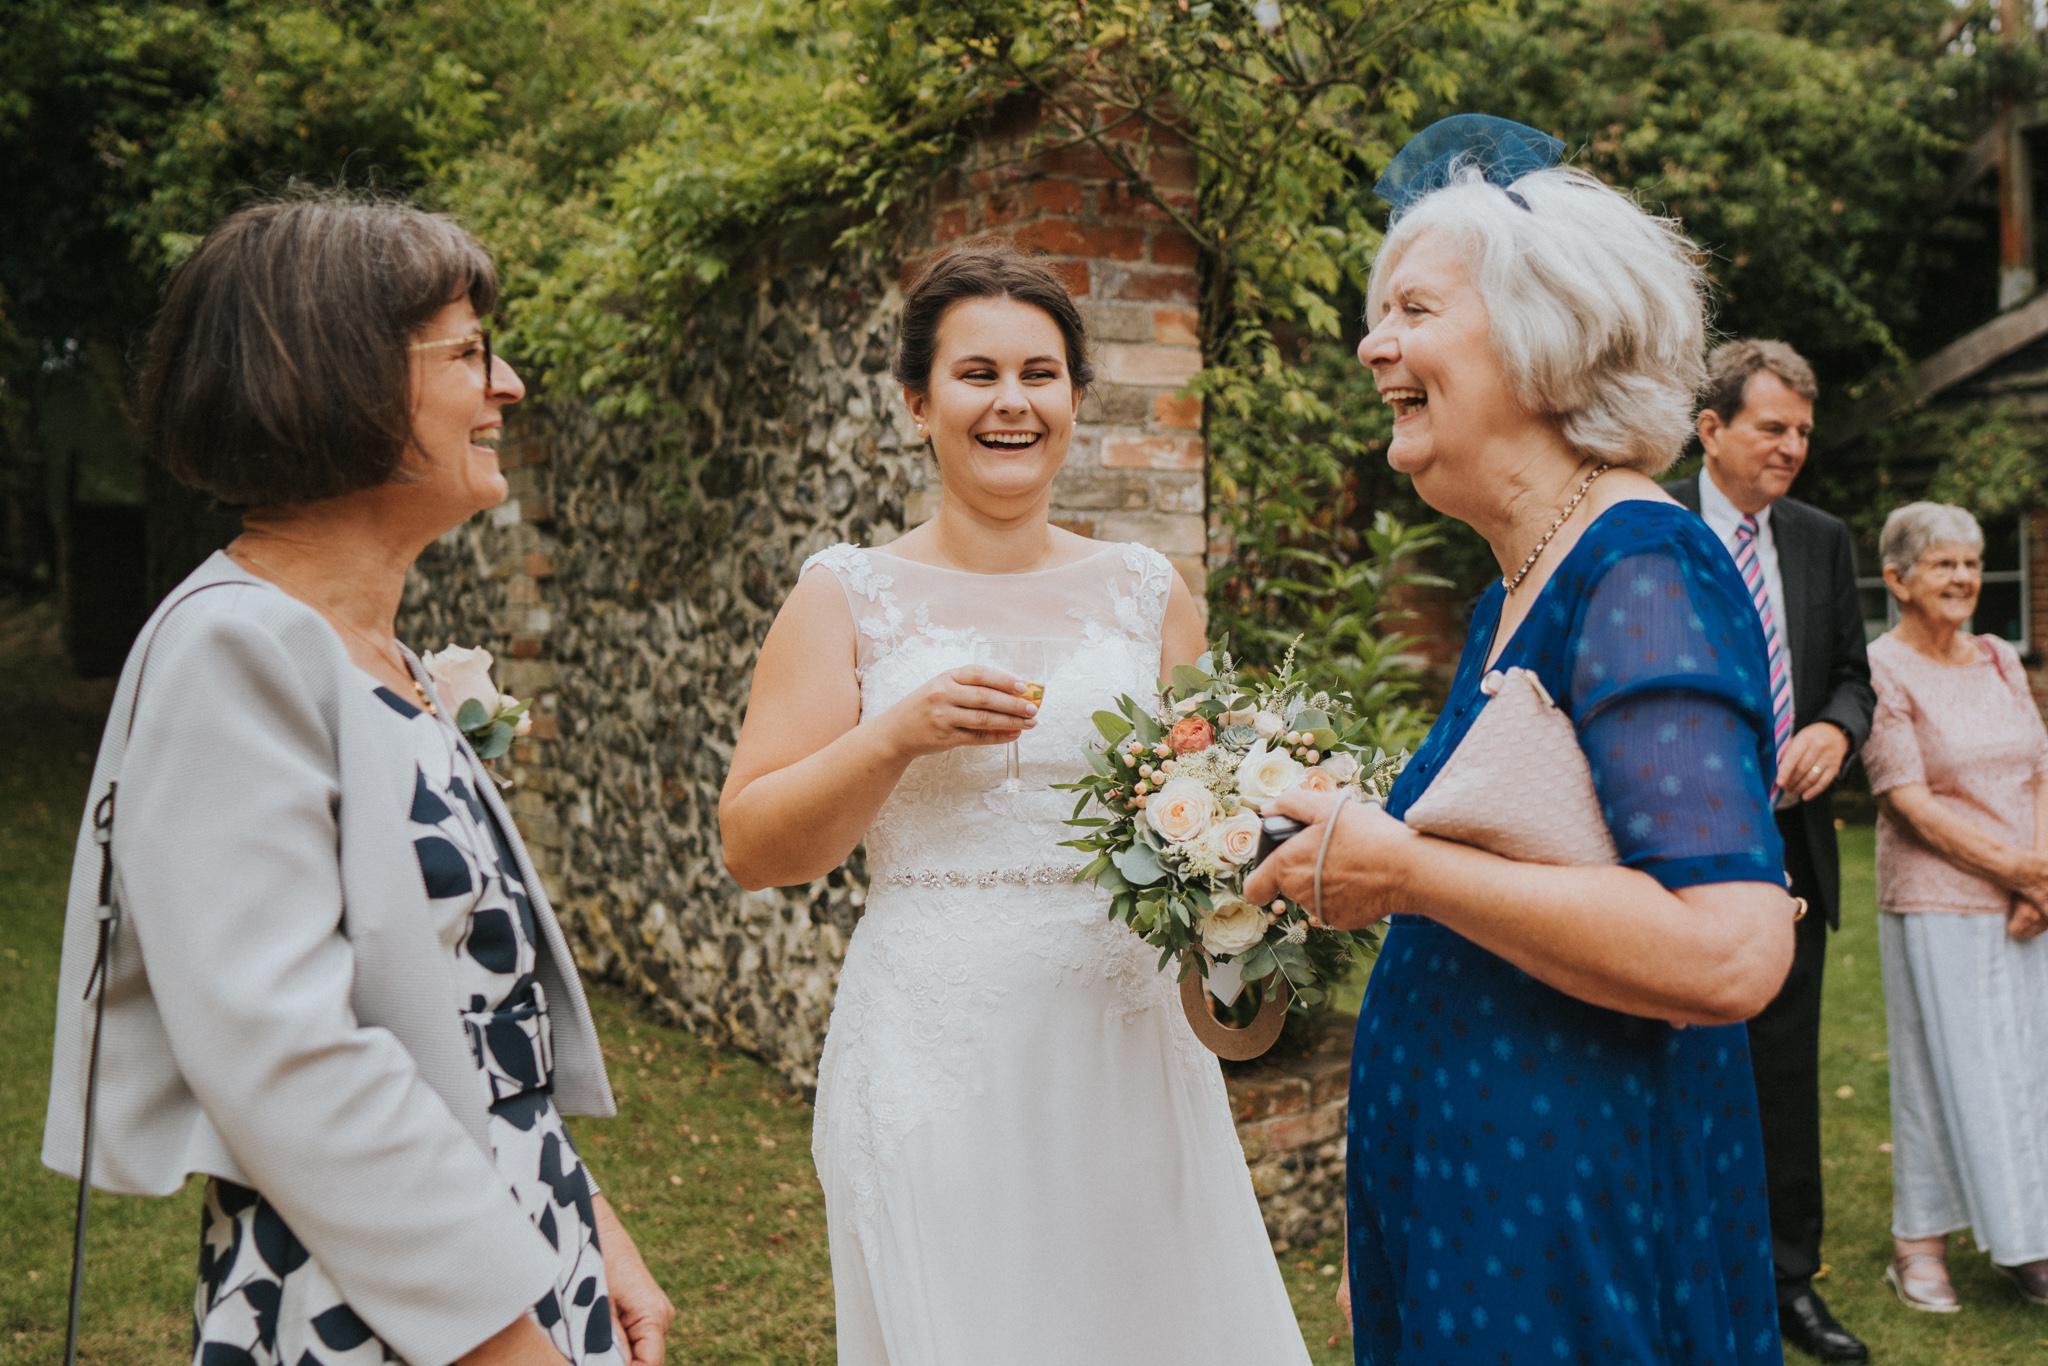 emily-dominic-barrandov-opera-house-grace-elizabeth-colchester-essex-alternative-wedding-lifestyle-photographer-essex-suffolk-norfolk-devon (32 of 54).jpg